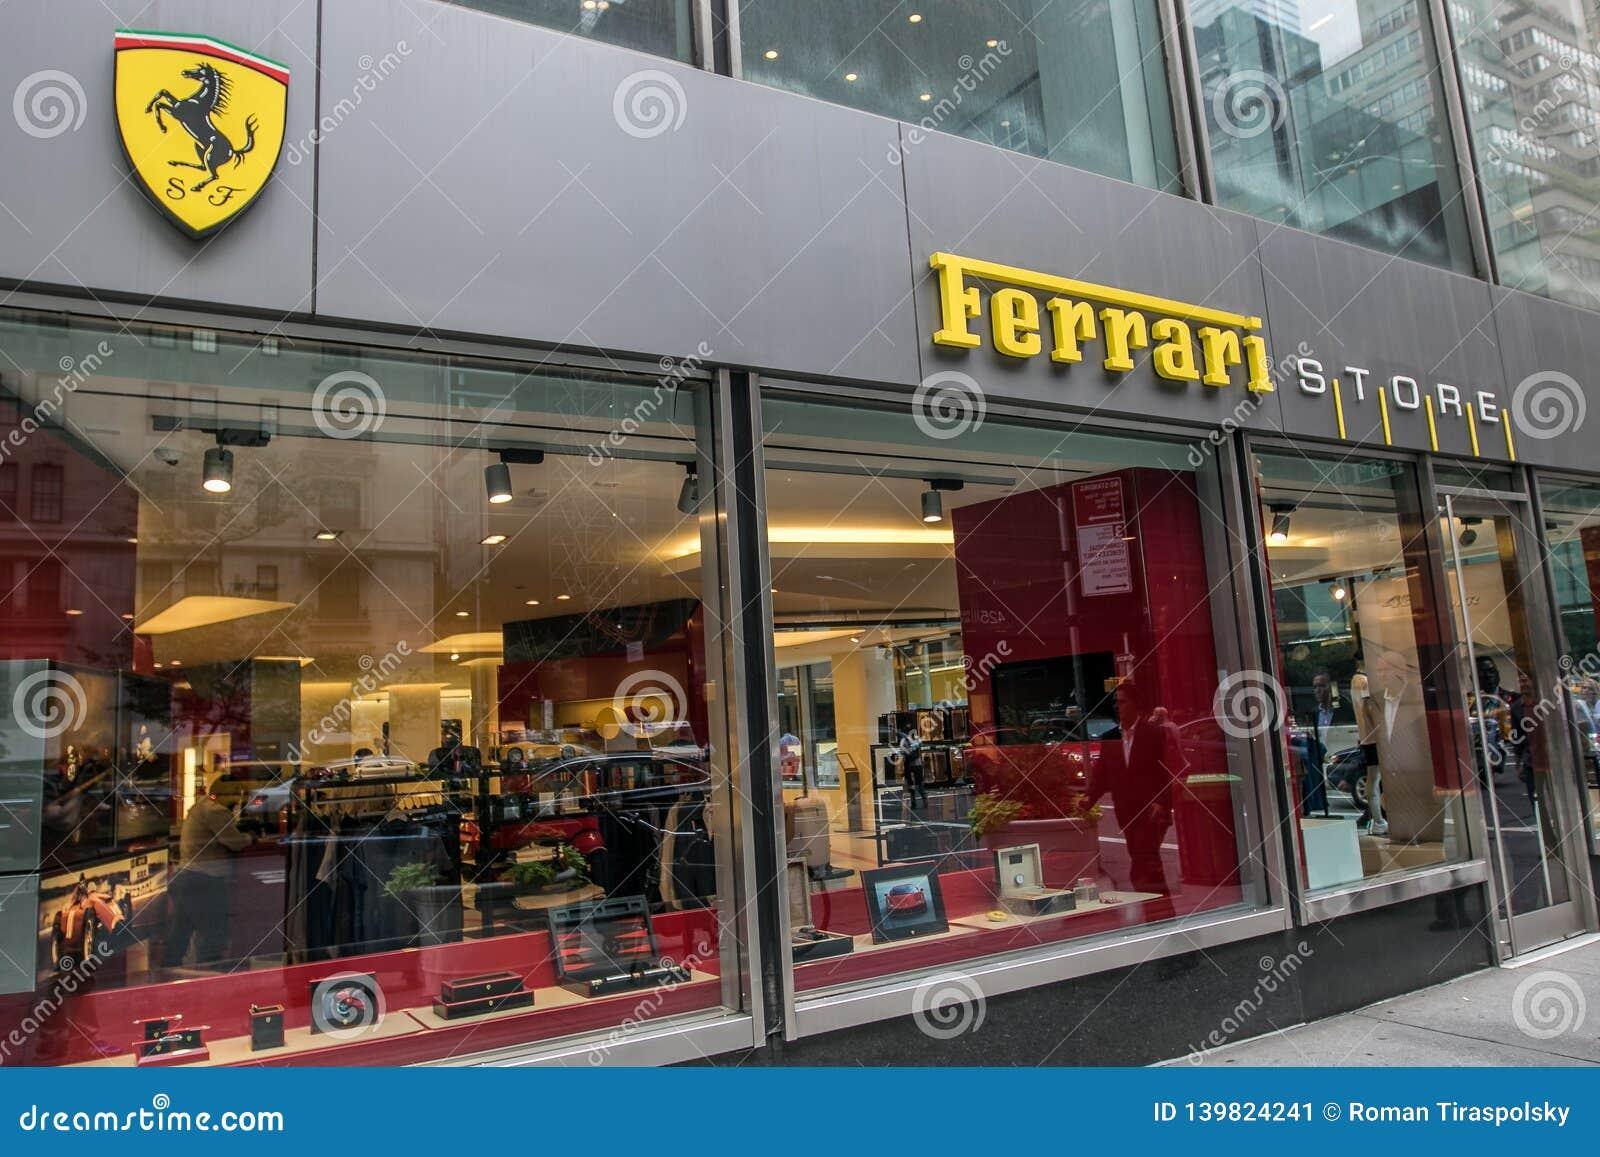 Ferrari Store In Manhattan Editorial Photo Image Of Store 139824241